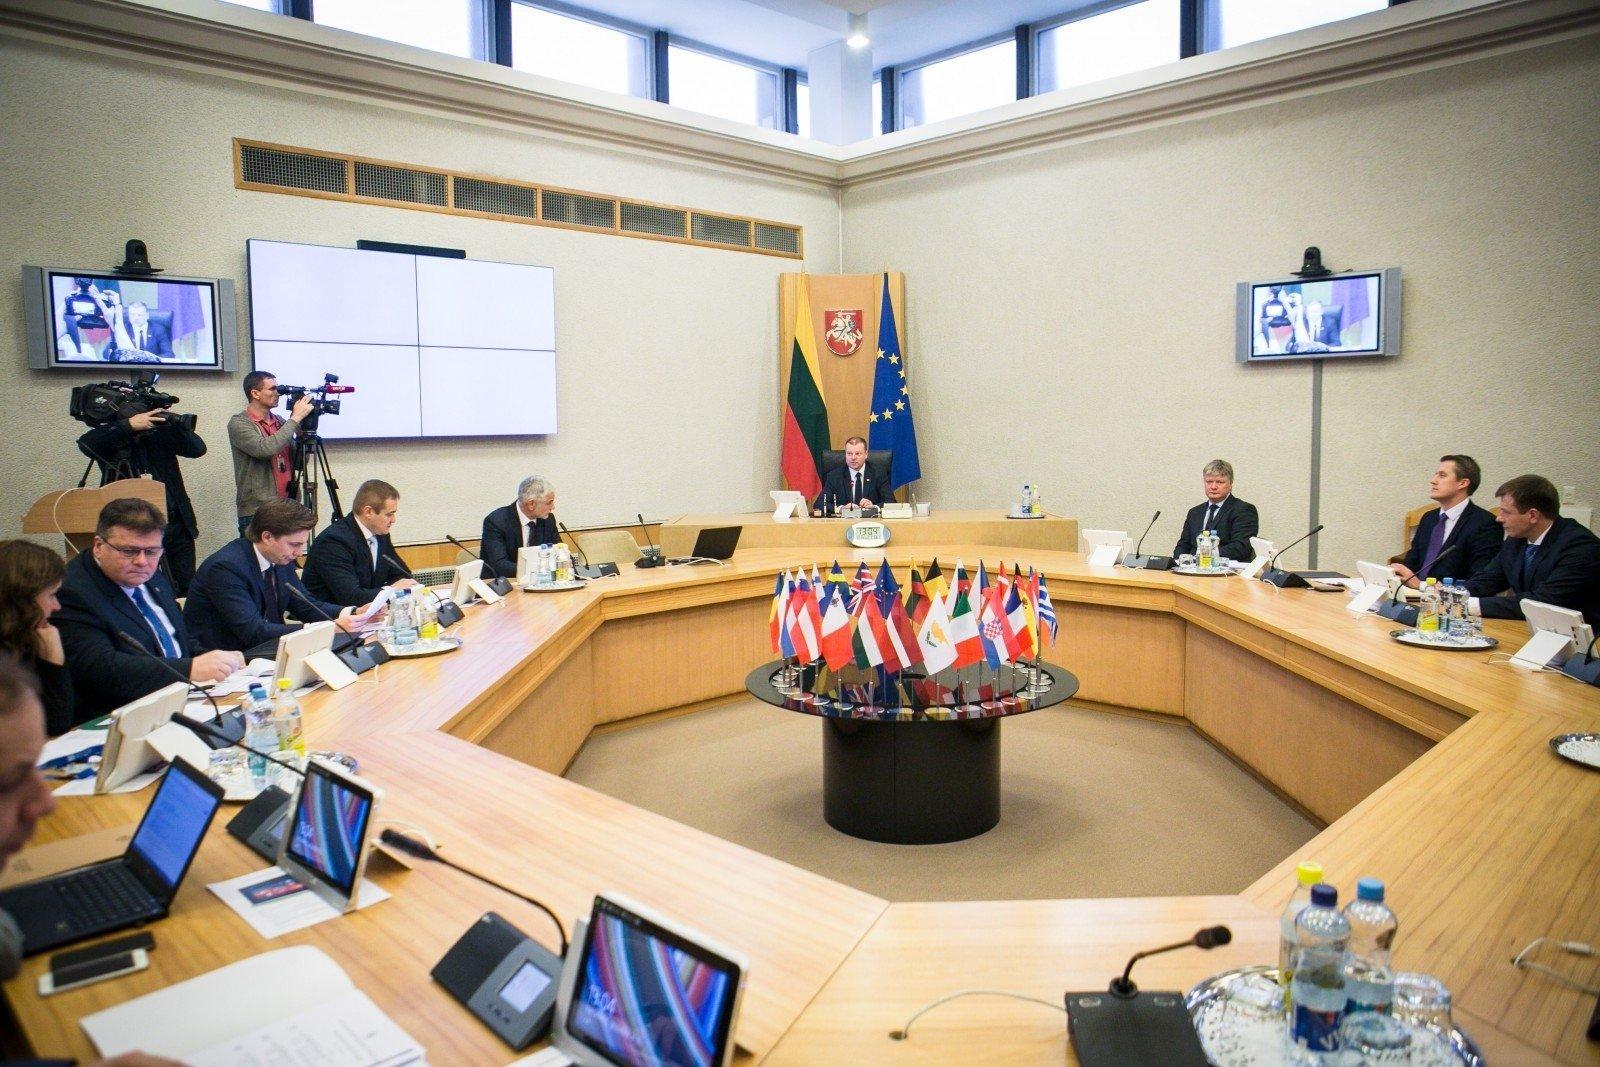 Литва выделит Беларуси средства на борьбу с коронавирусом, но немного